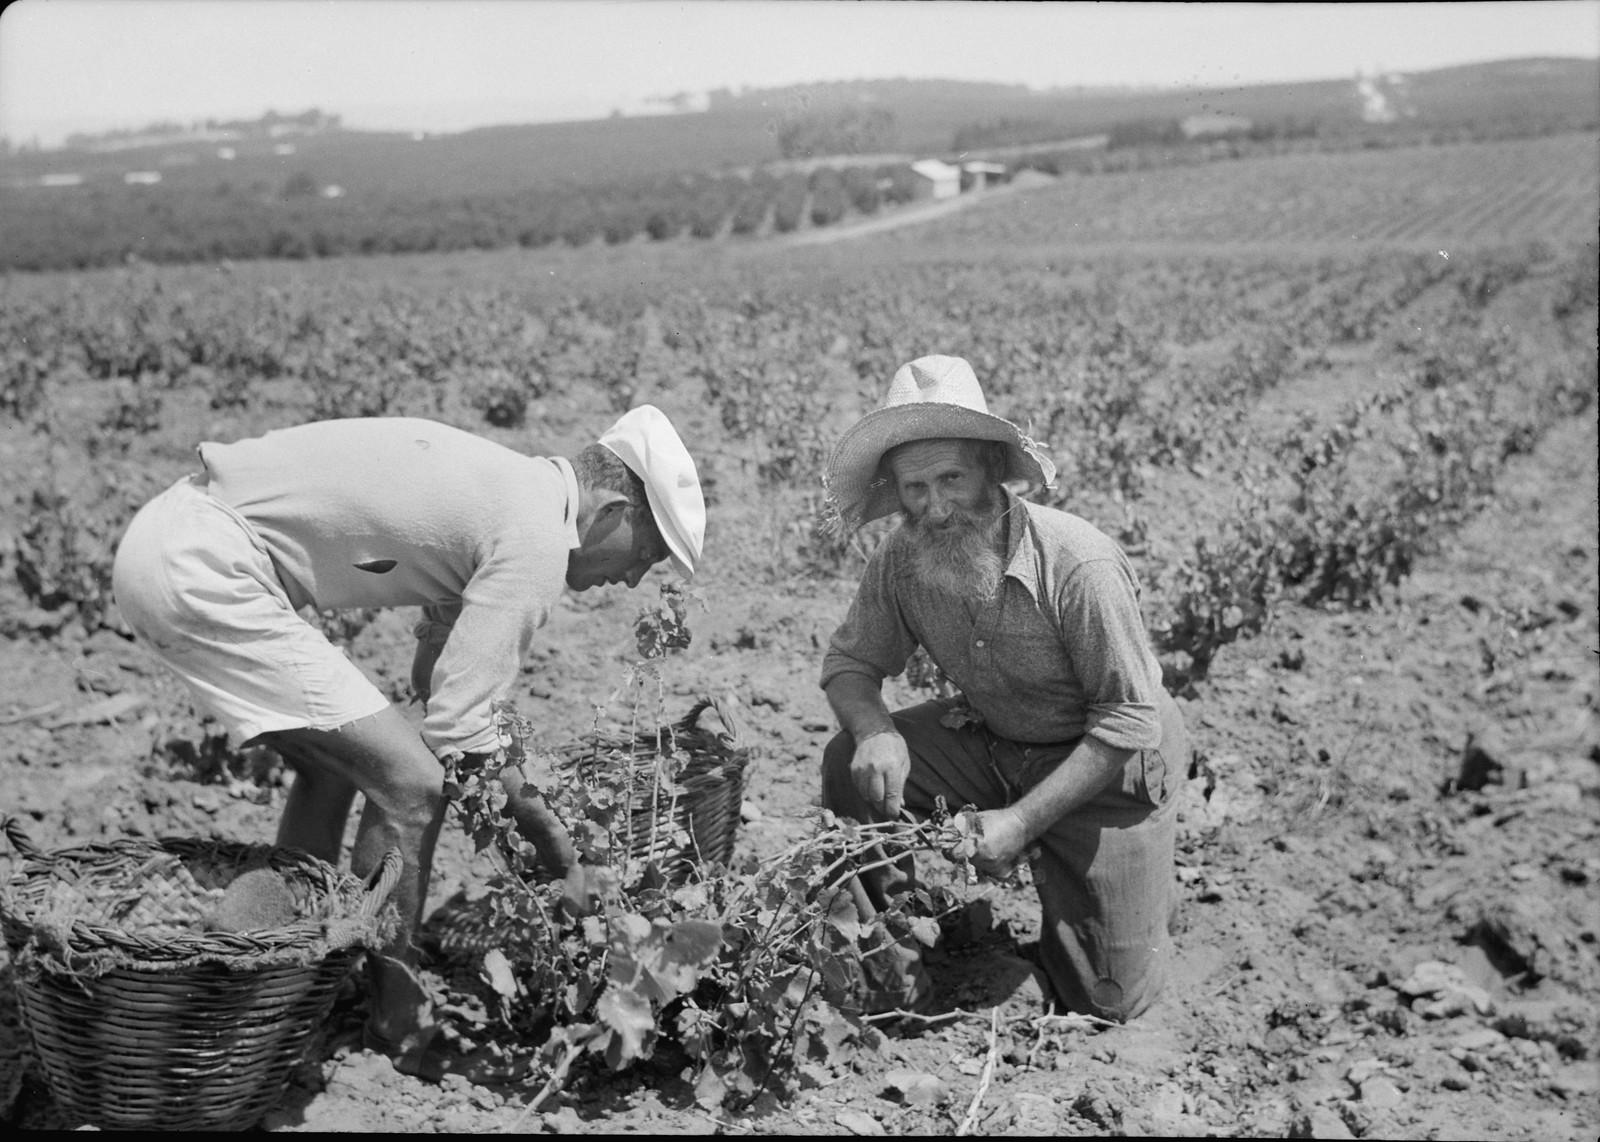 12. Сборщики винограда, старый йеменец и европейский иммигрант